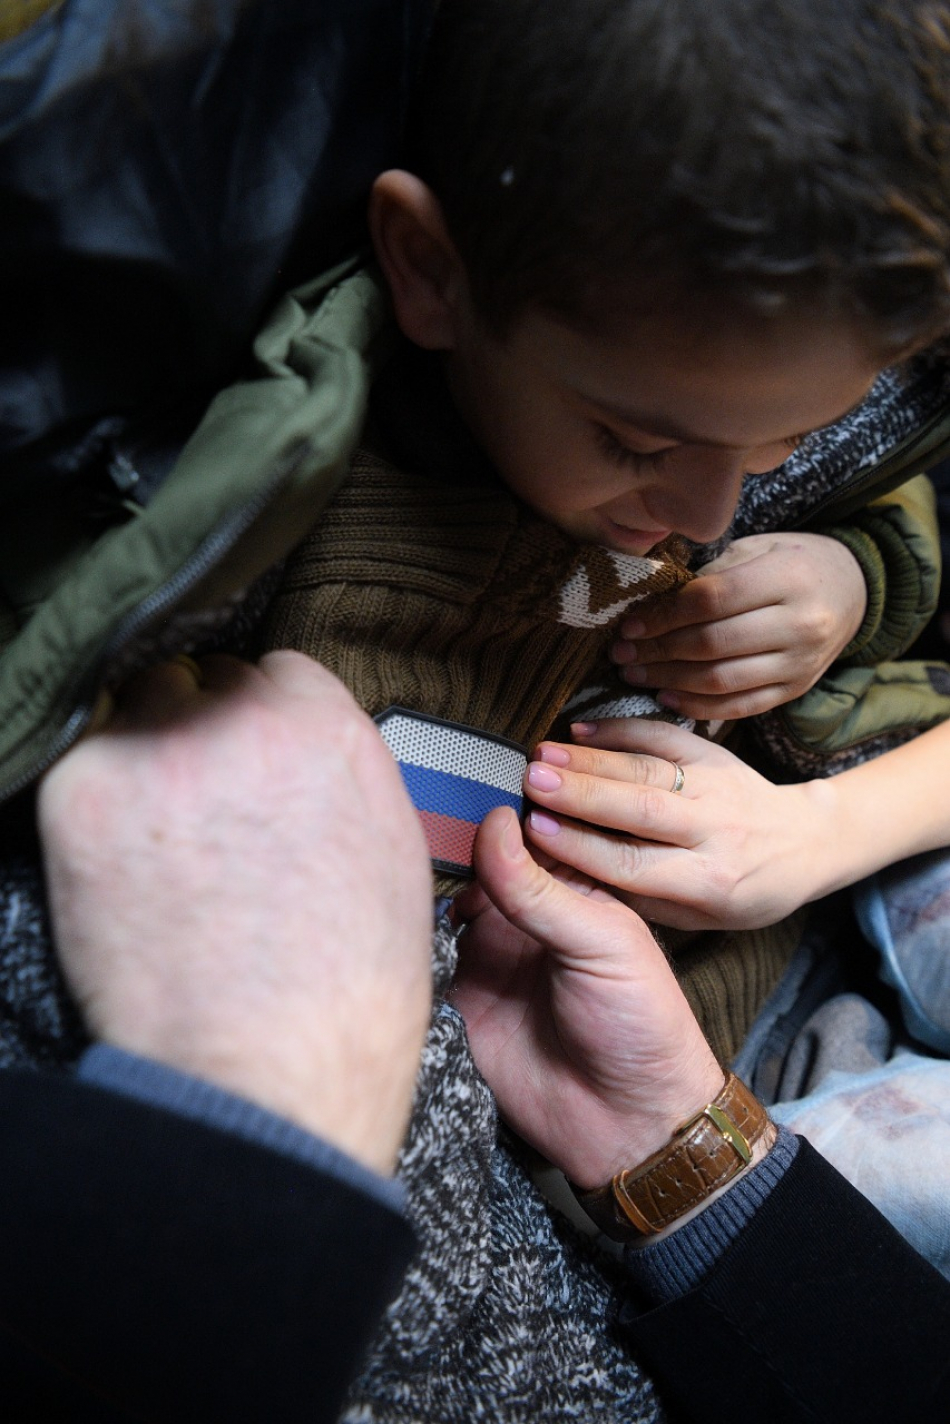 Детский омбудсмен Анна Кузнецова помогла сирийскому мальчику с тяжелыми ранениями попасть на лечение в Россию